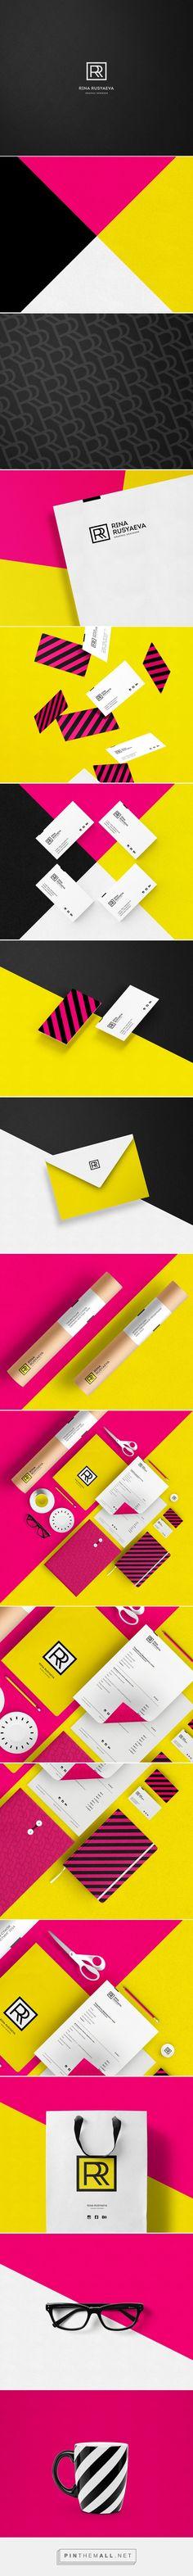 identity for designer on Behance | Fivestar Branding – Design and Branding Agency & Inspiration Gallery